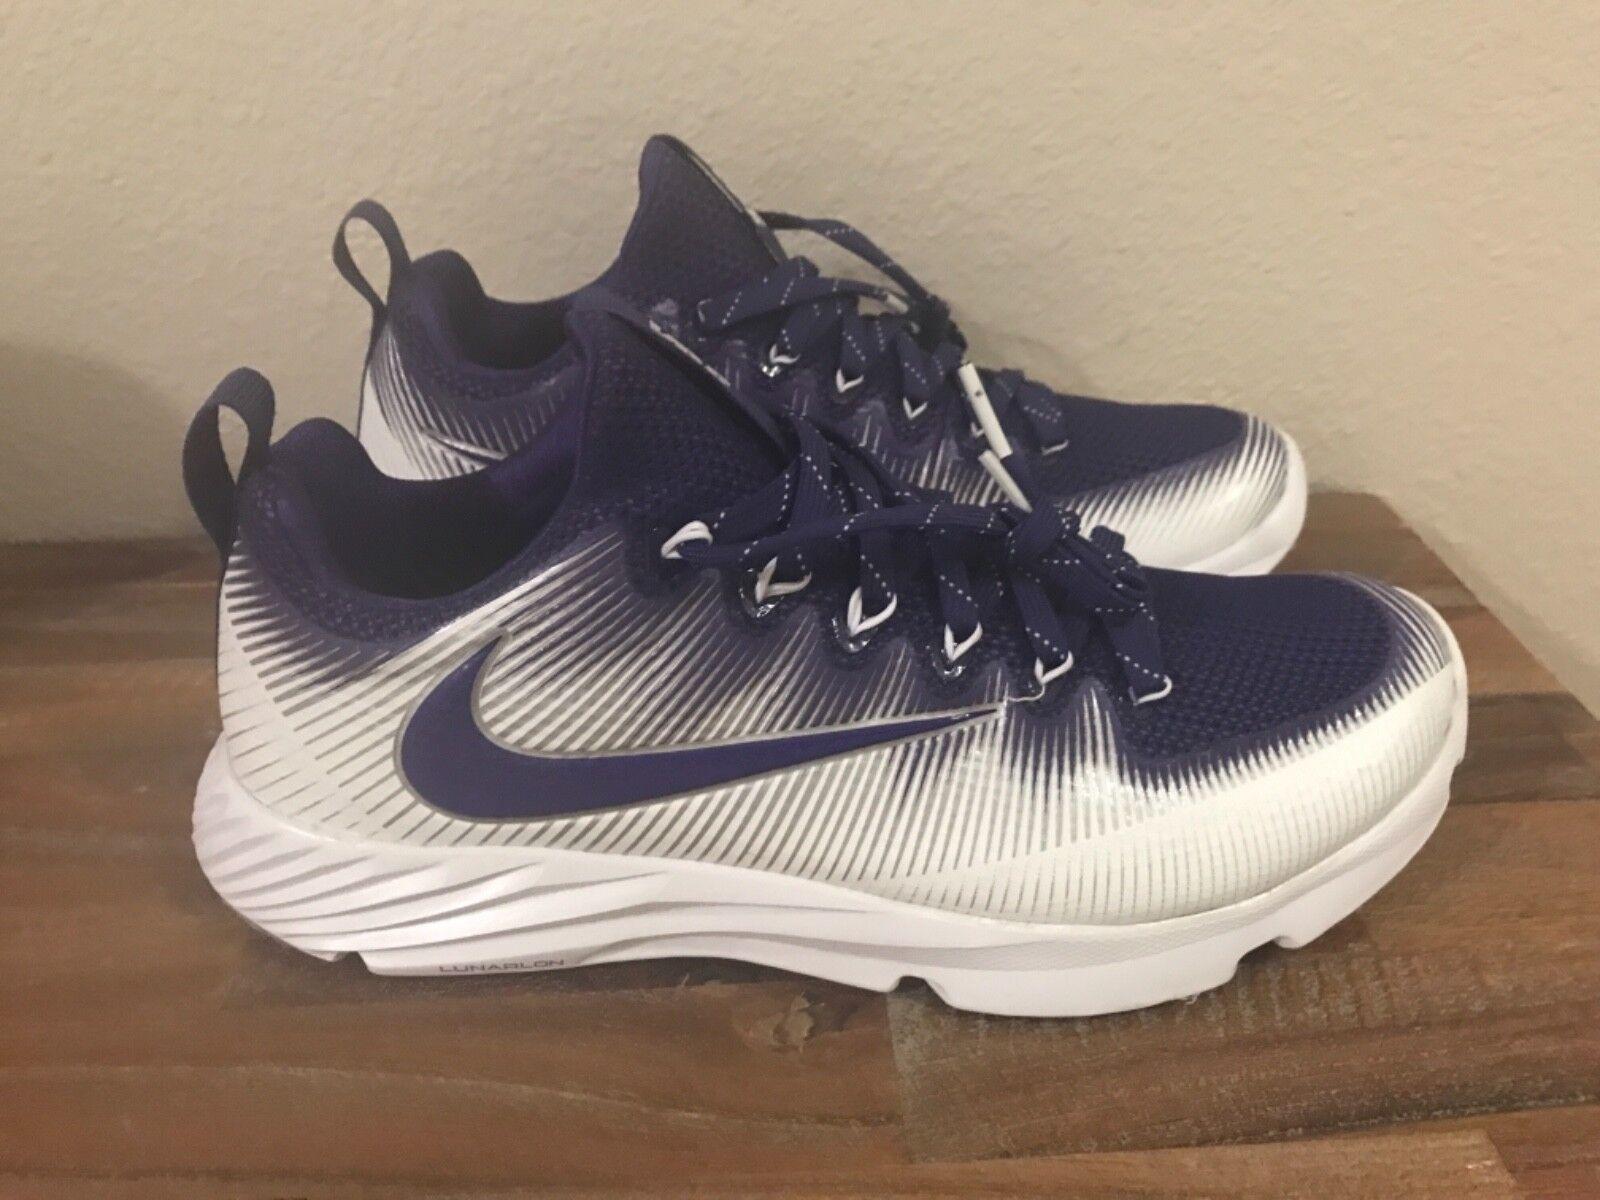 Nike Vapor Vapor Vapor Speed Turf LAX shoes Purple White 848334-551 Men Sz 8.5 1546ec